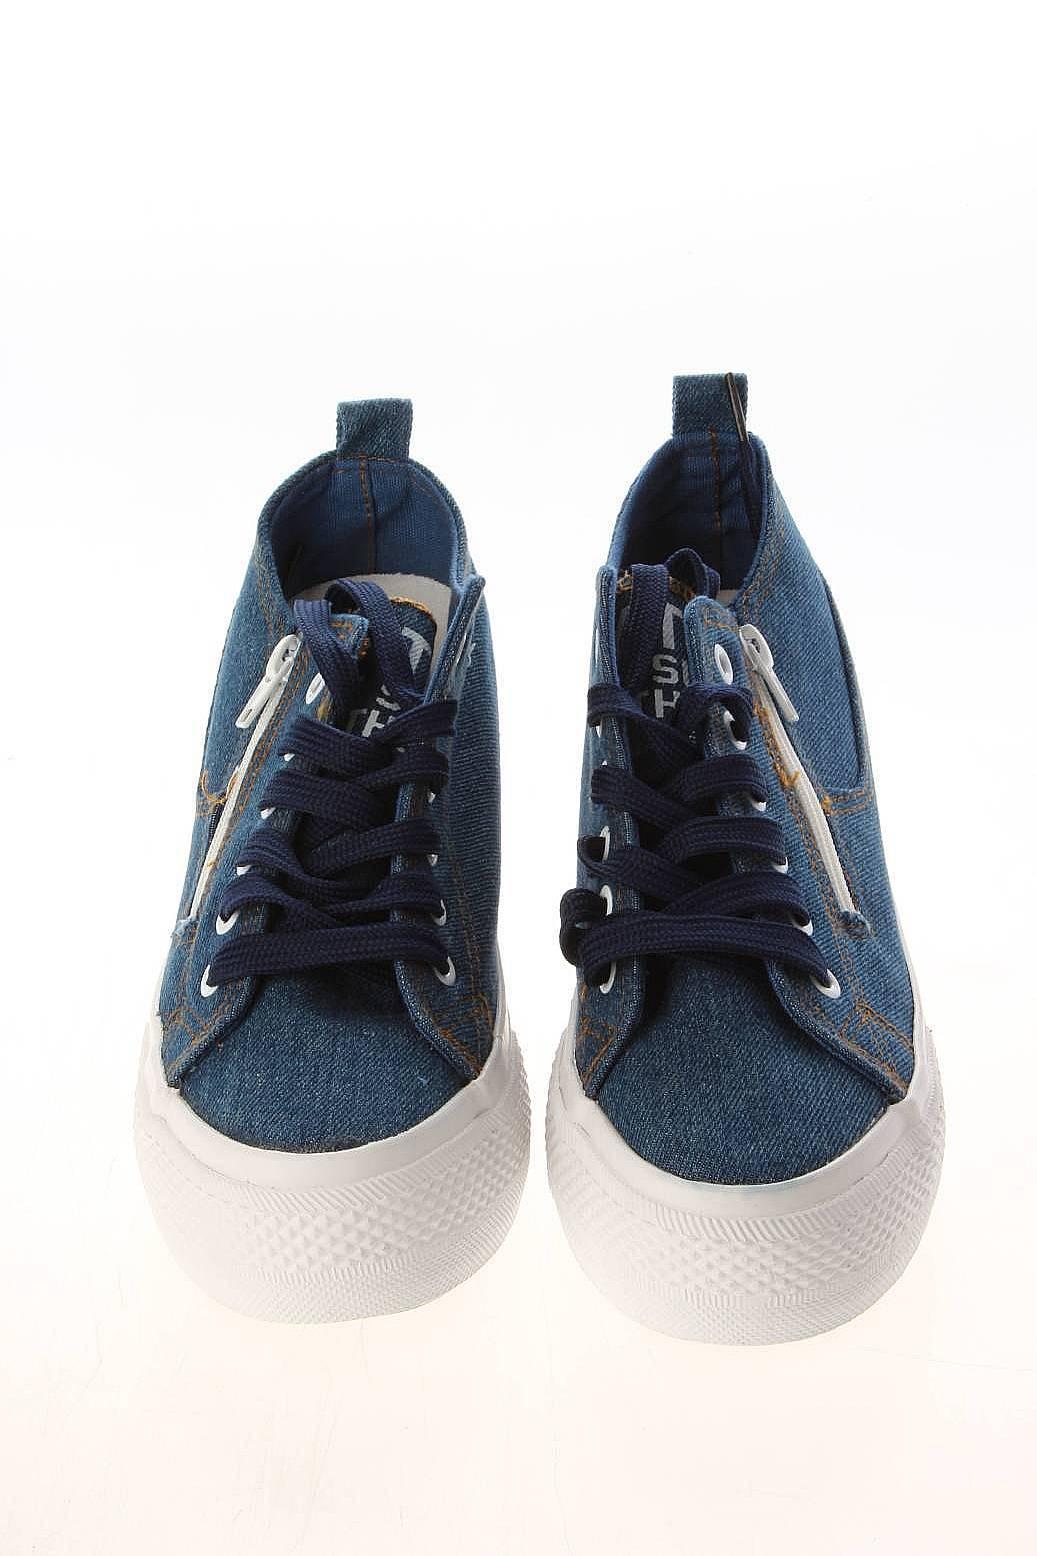 Мужская Обувь Детская Обувь Женская Обувь Кеды: TF-Torsion Field Обувь